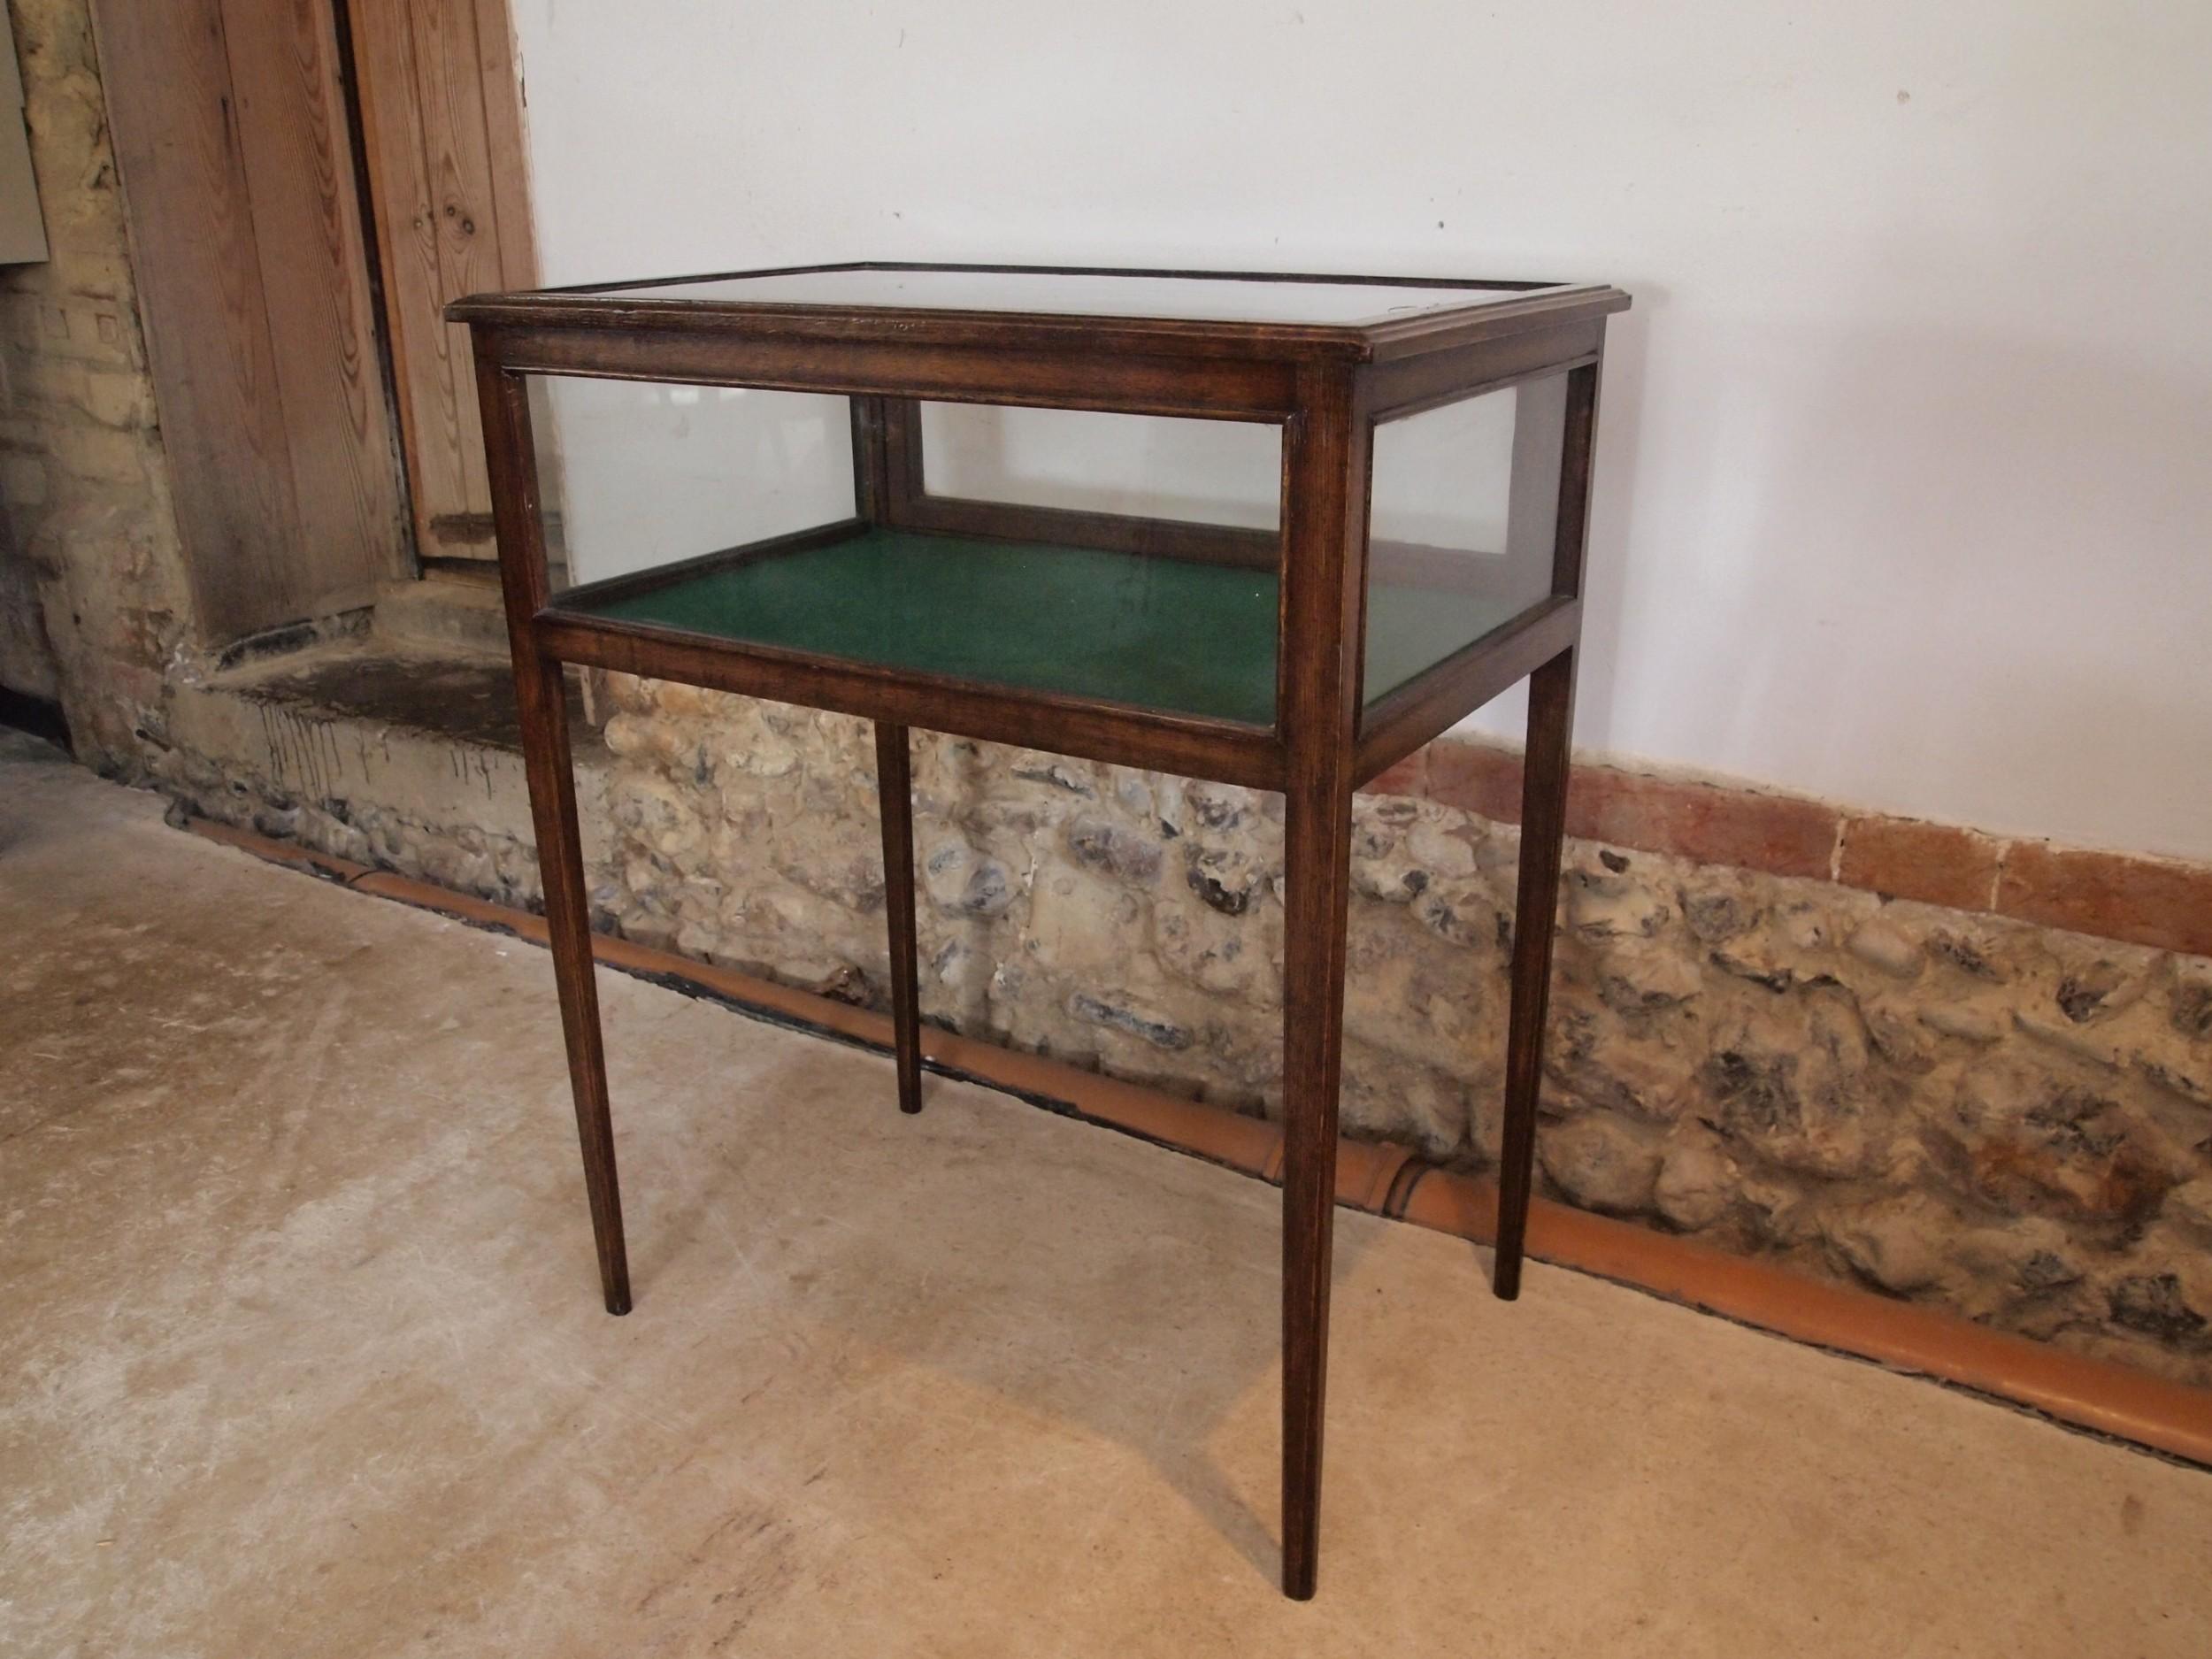 table display bijouterie cabinet edwardian oak c1900